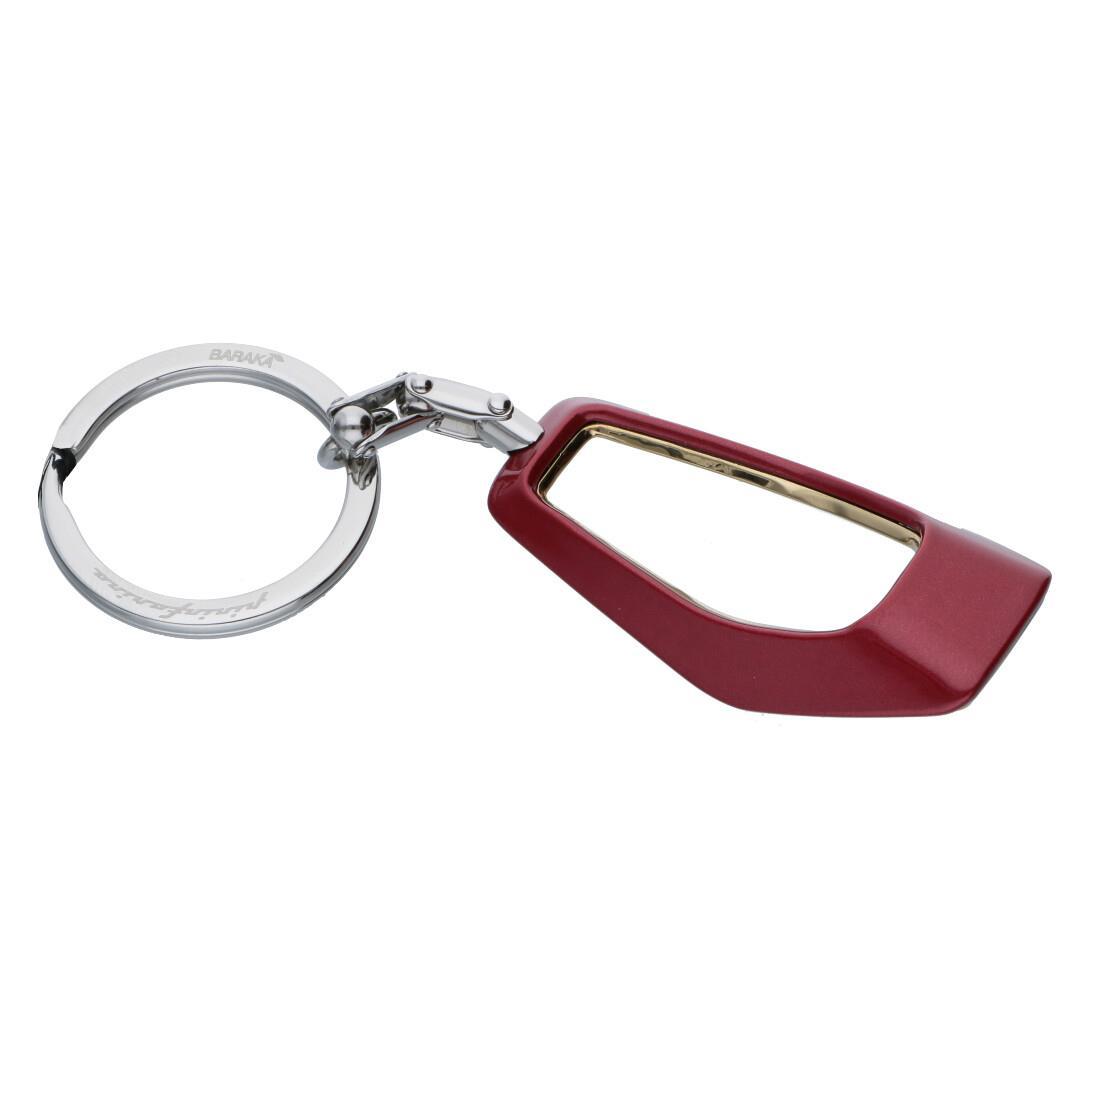 Portachiavi da uomo in acciaio, misura 4,5cm - BARAKA